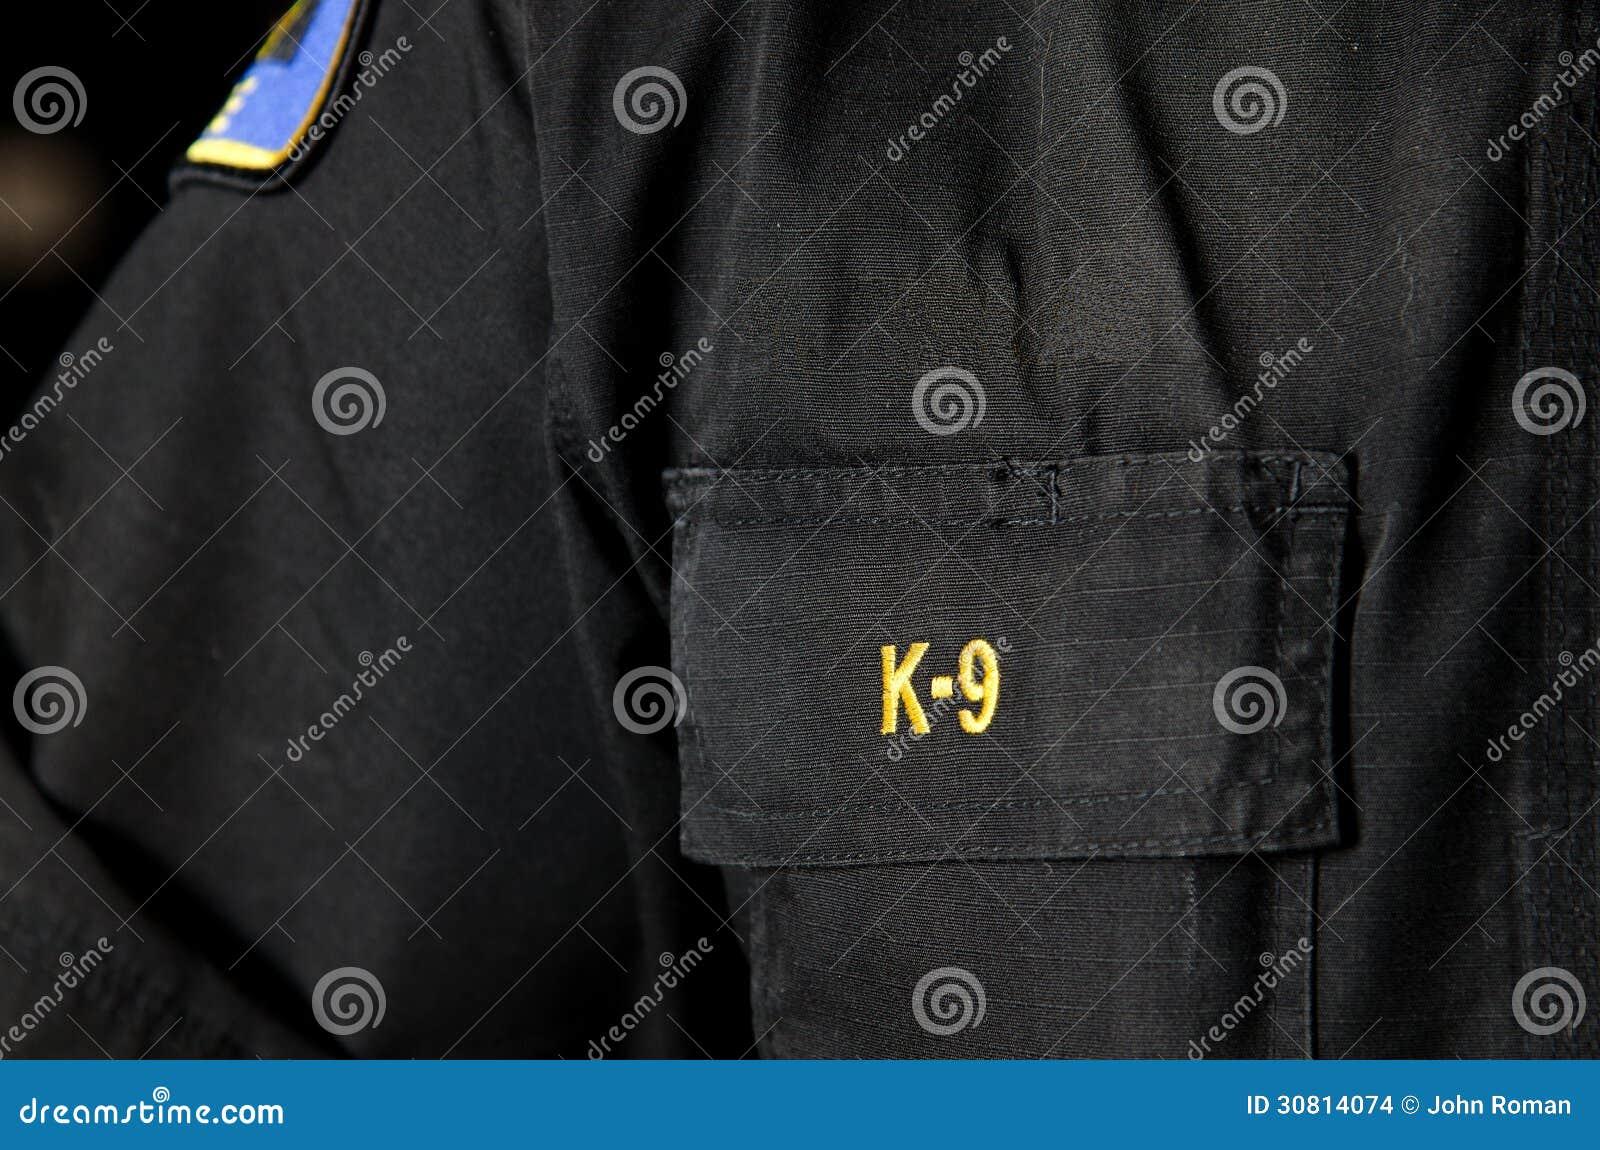 Polizia K9